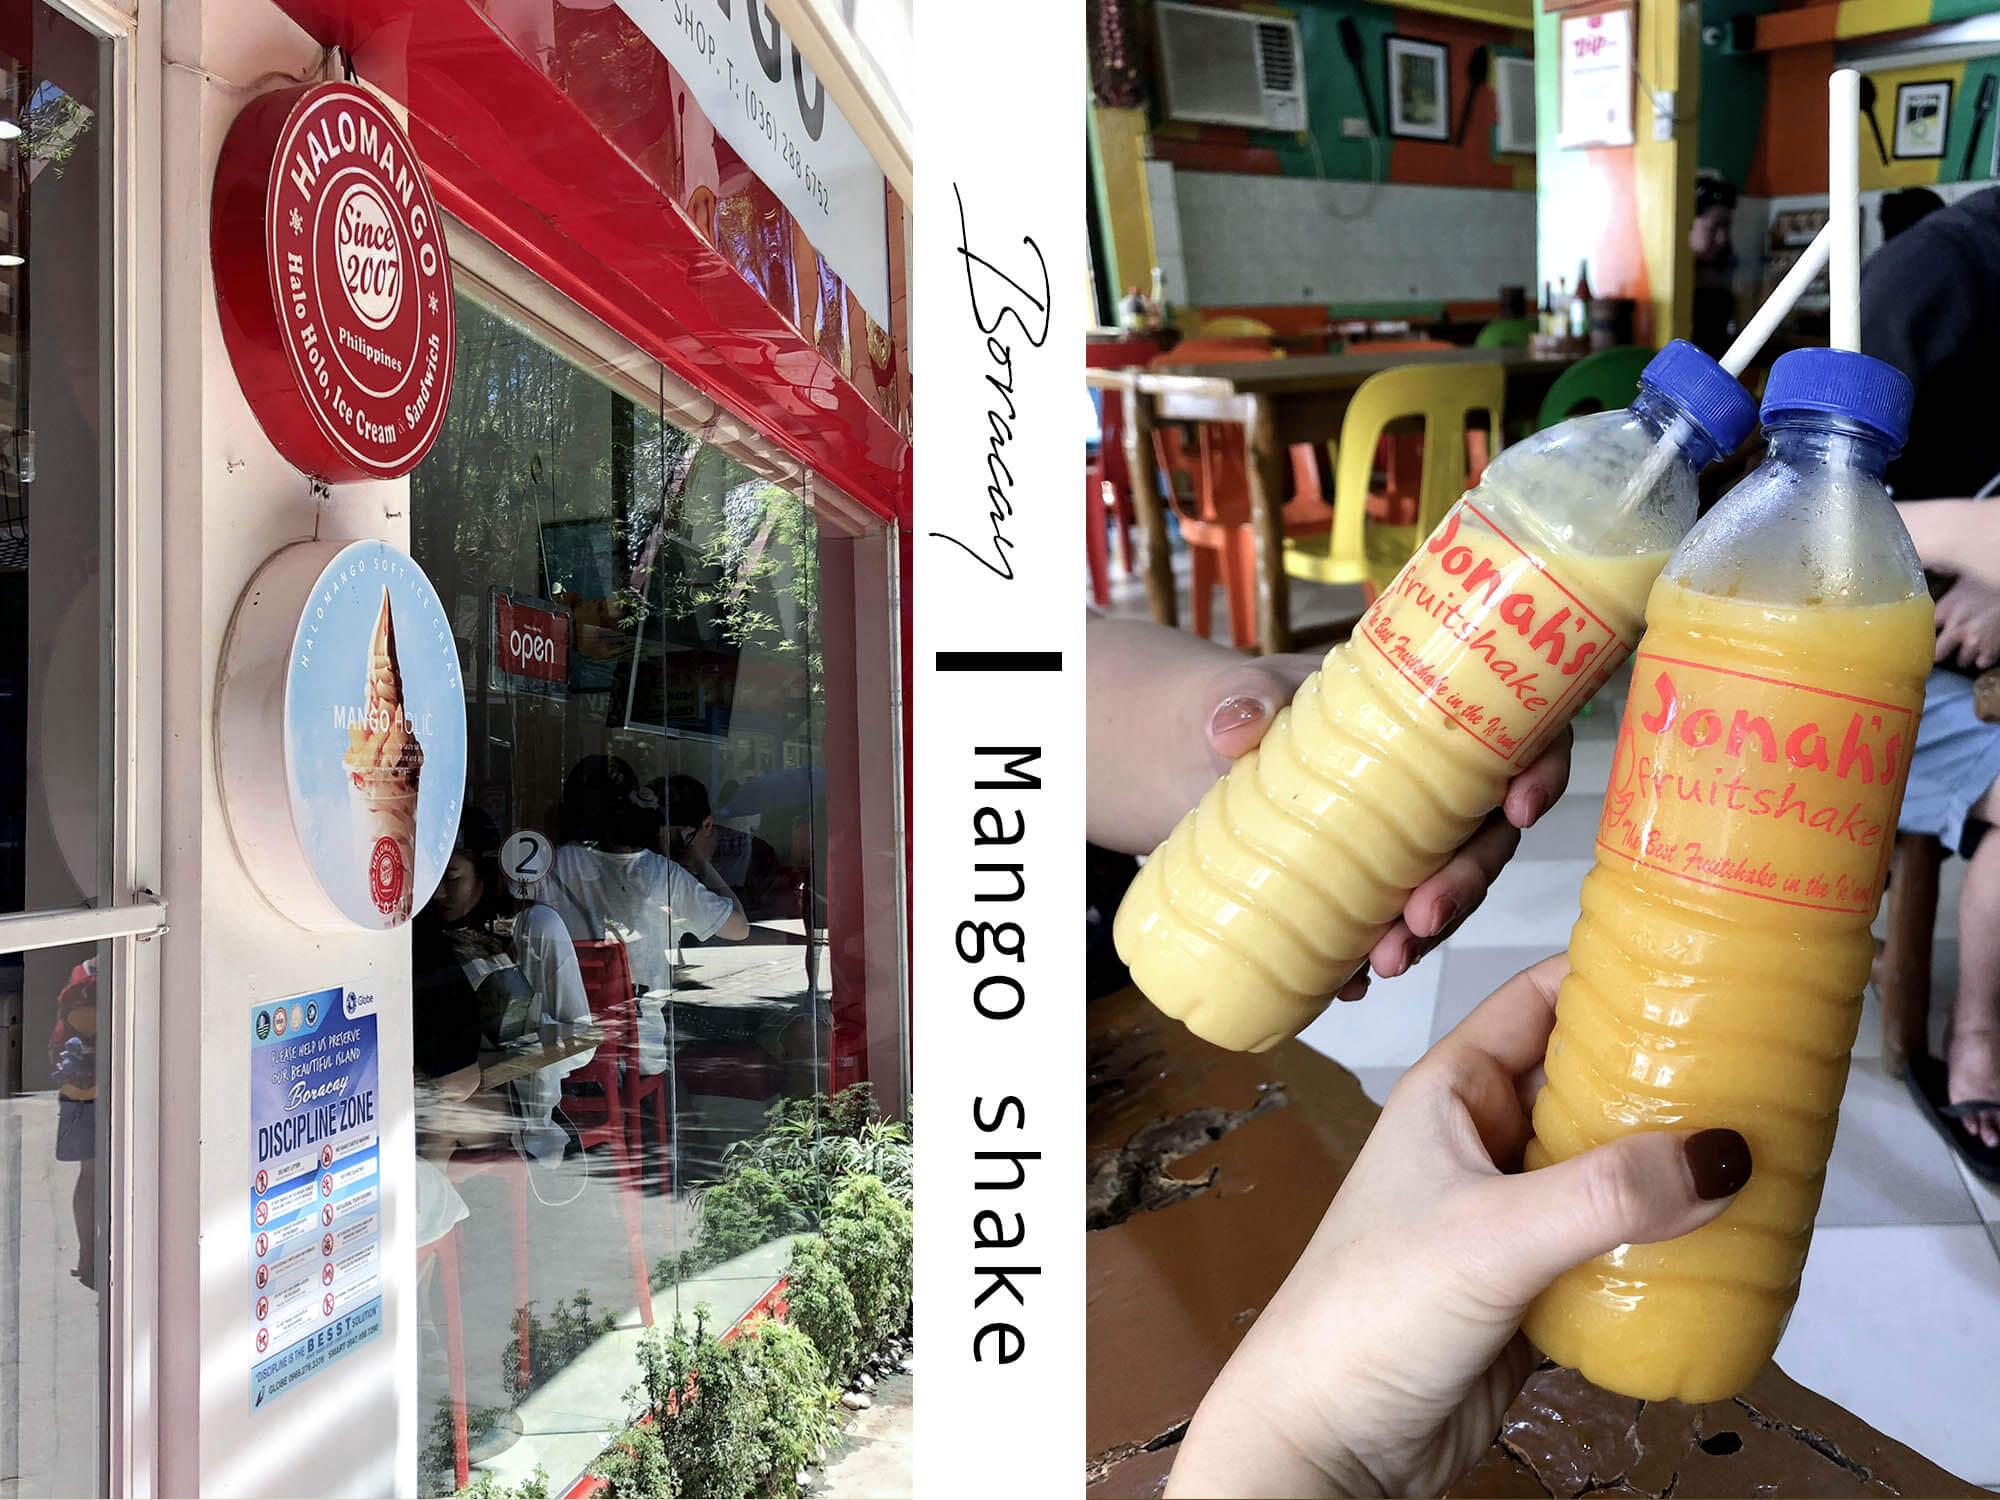 長灘島必吃|Boracay的經典的消暑飲品-超人氣芒果冰沙Jonah's/Halo Mango